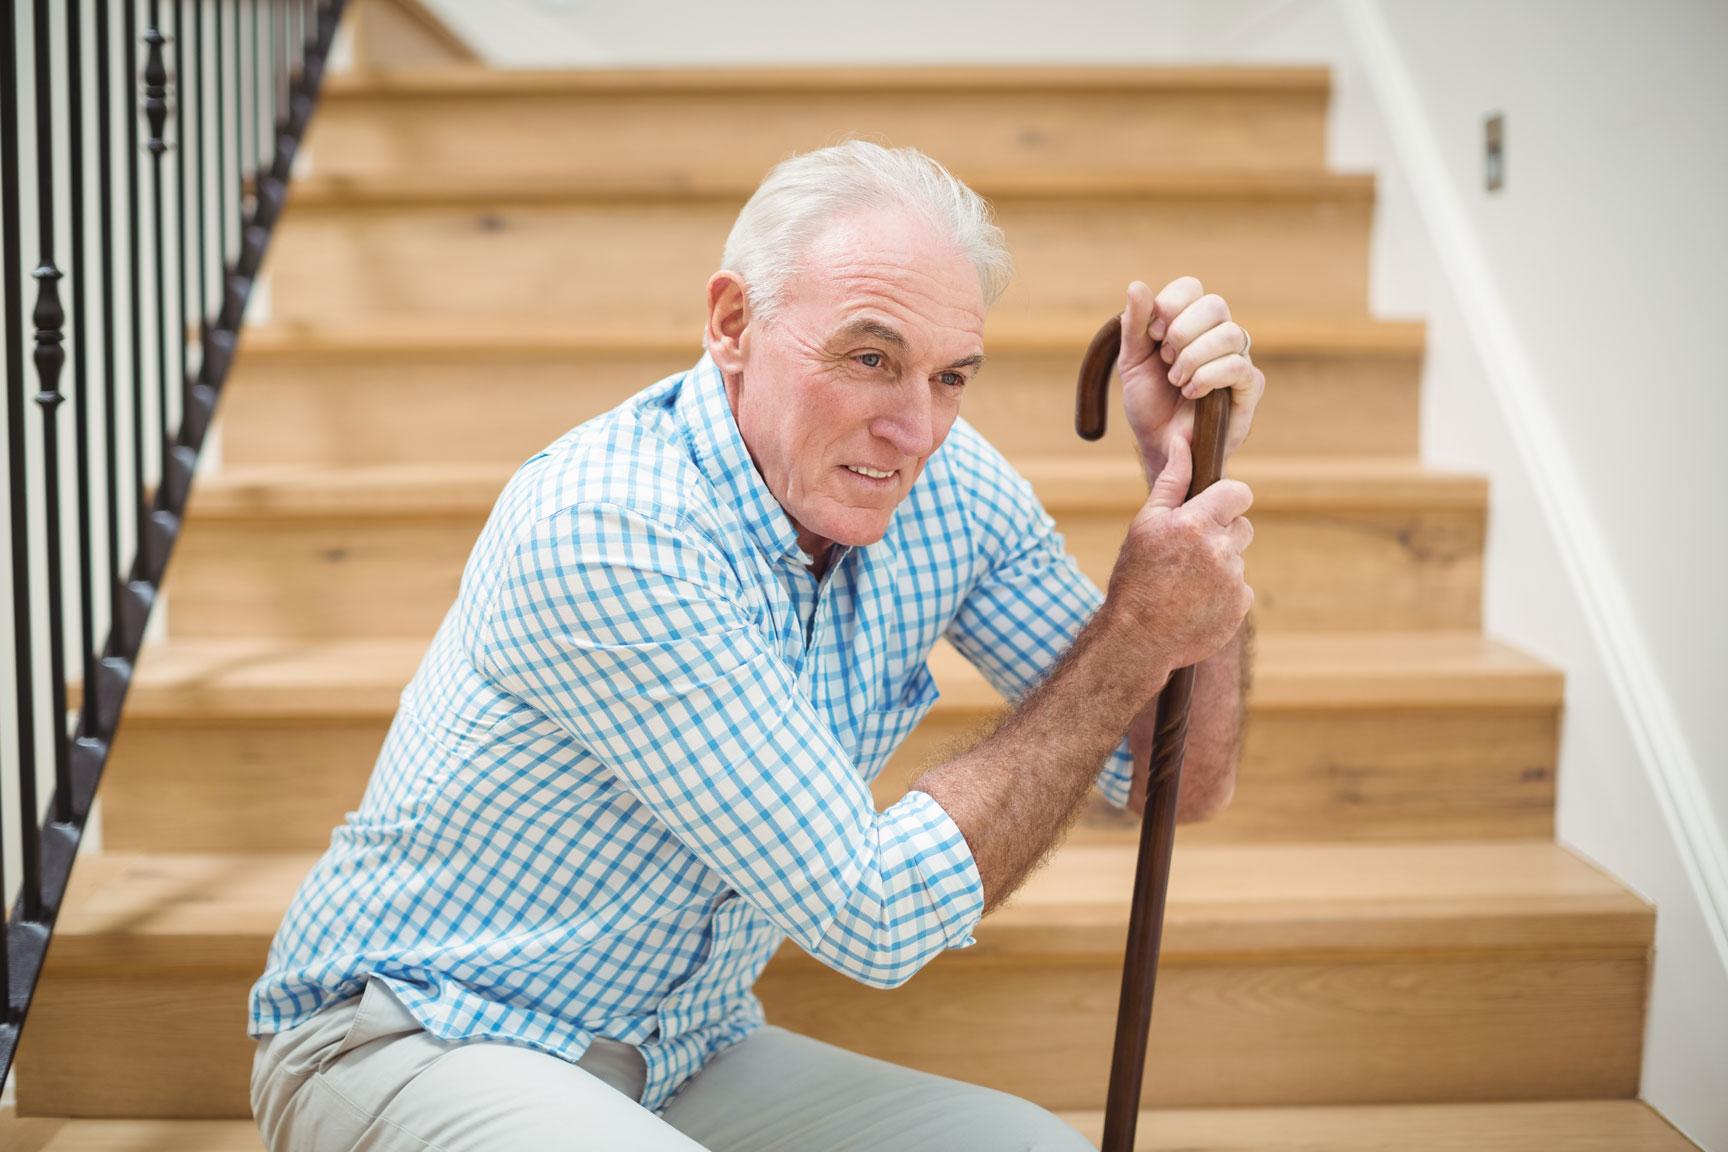 Elderly-man-on-stairs